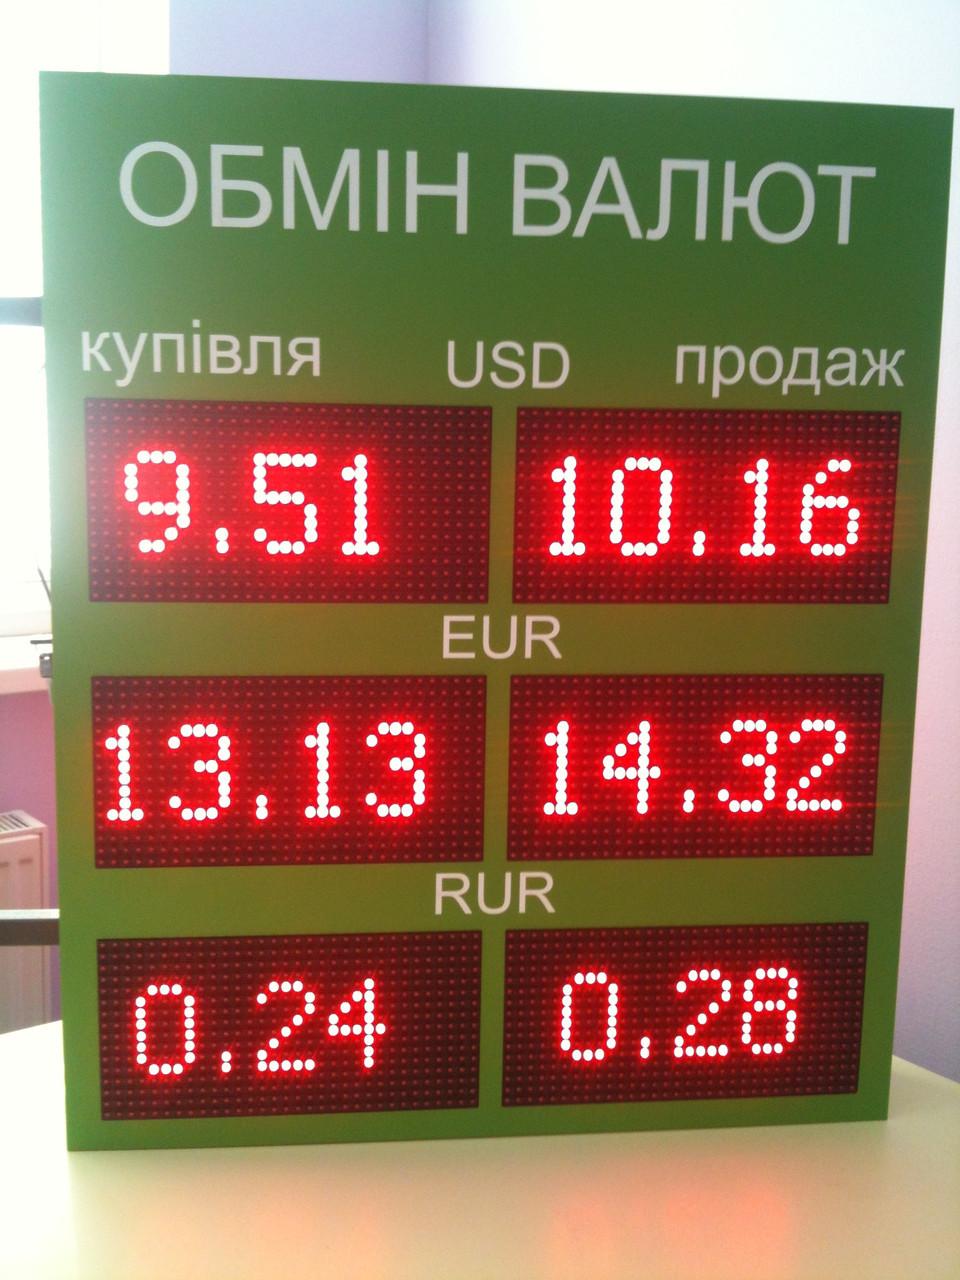 Светодиодное табло валют двухстороннее) - Интернет-магазин Файно в Львове